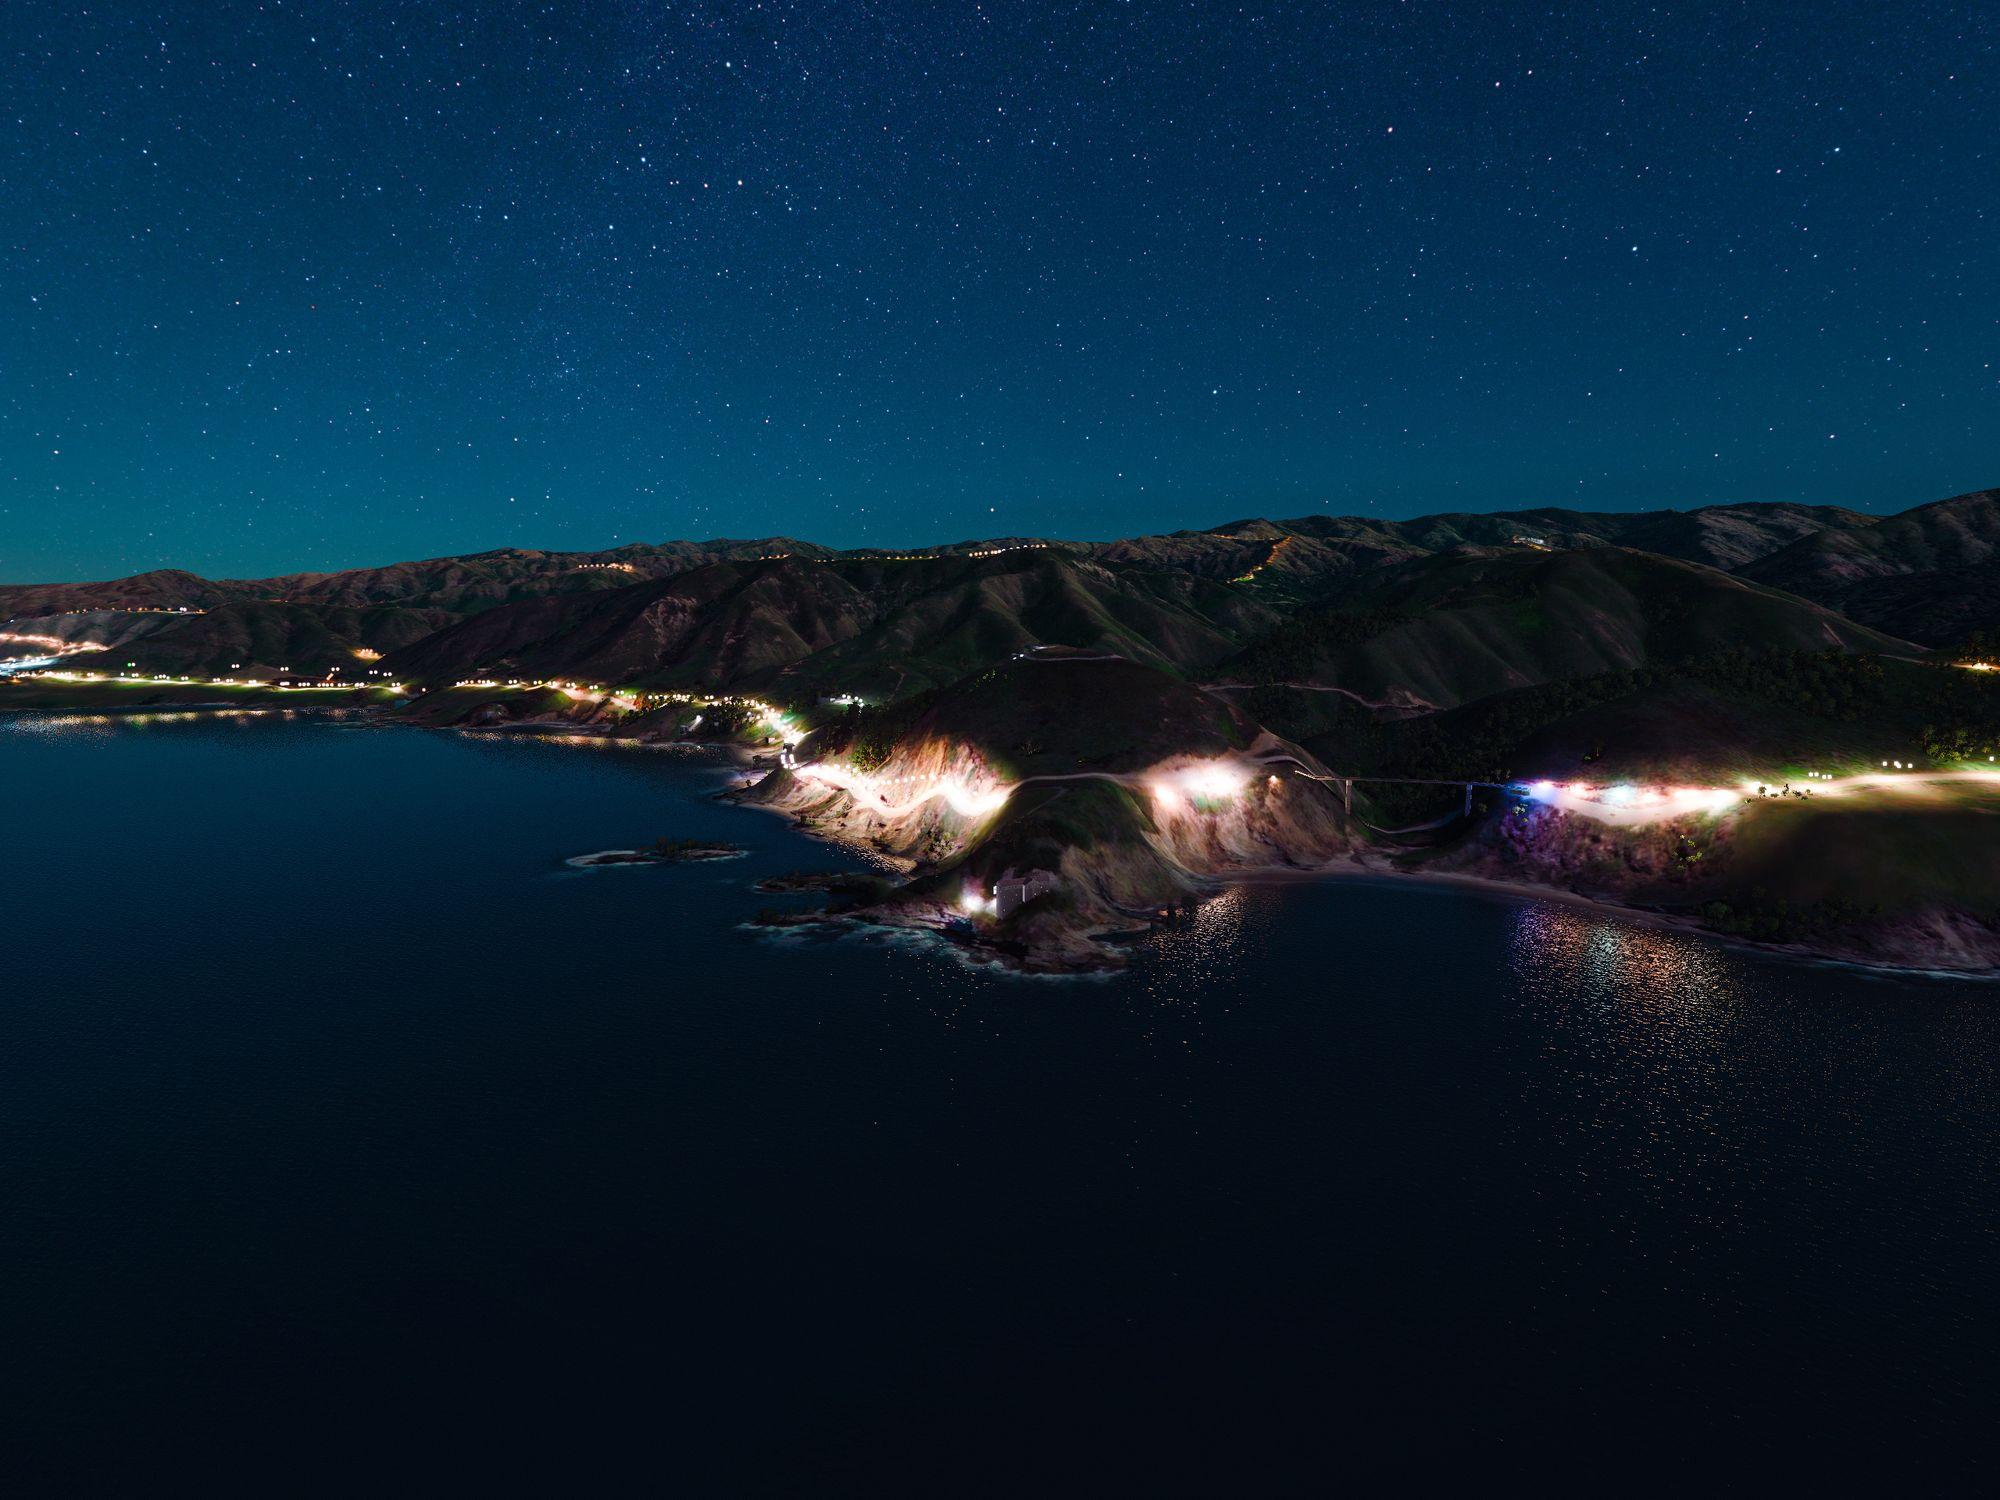 fond d'écran Microsoft Flight Simulator macOS Big Sur